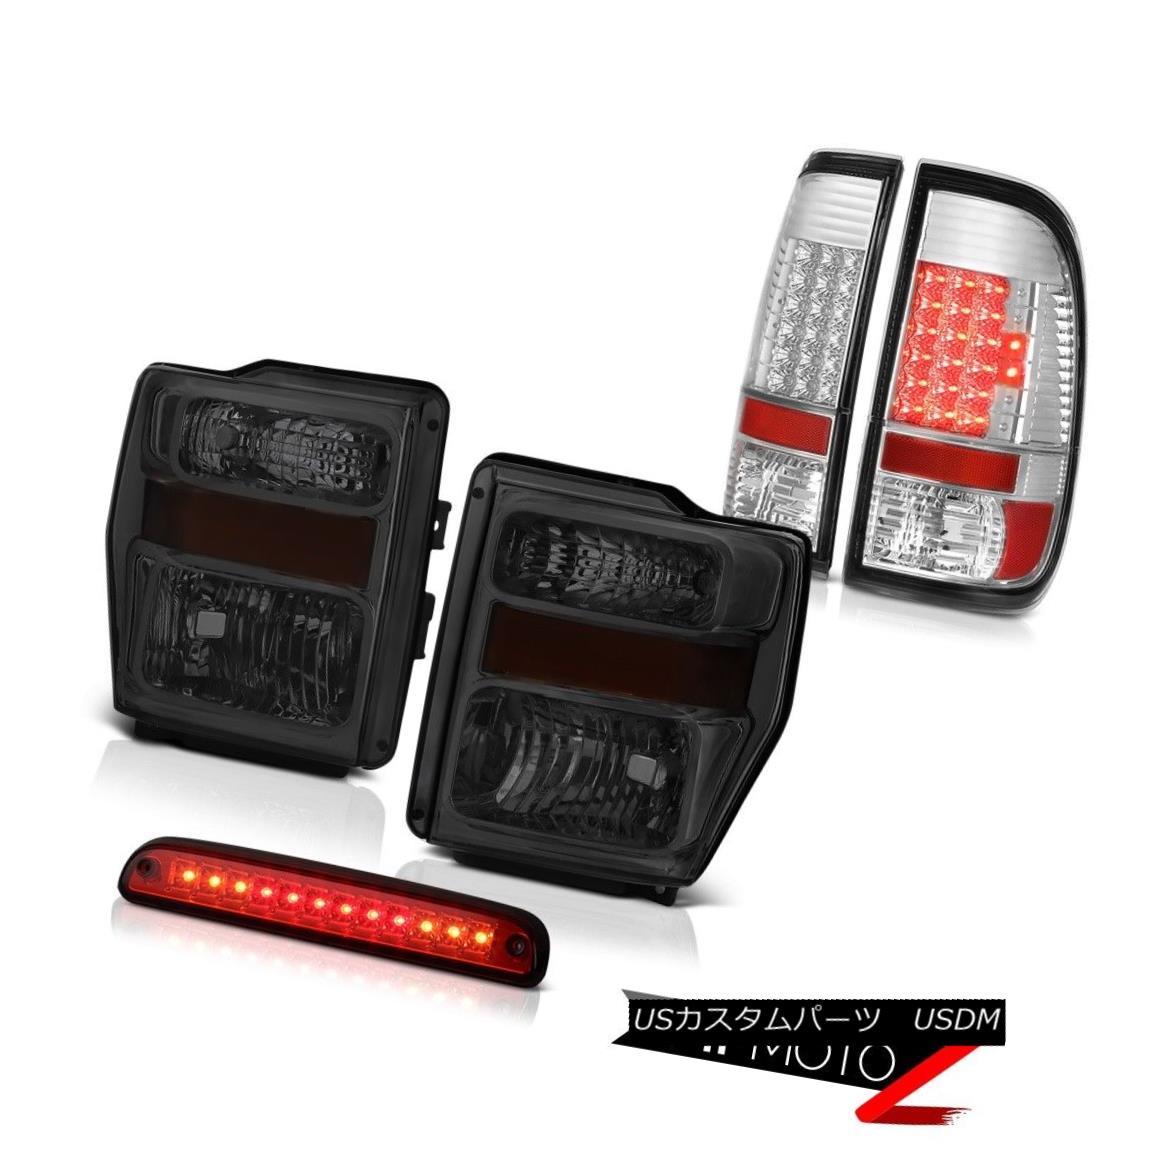 ヘッドライト 08-10 F350 Turbo Diesel Dark Smoke Headlights Chrome LED Taillamps Brake Cargo 08-10 F350ターボディーゼルダークスモークヘッドライトクロームLEDタイルランプブレーキカーゴ